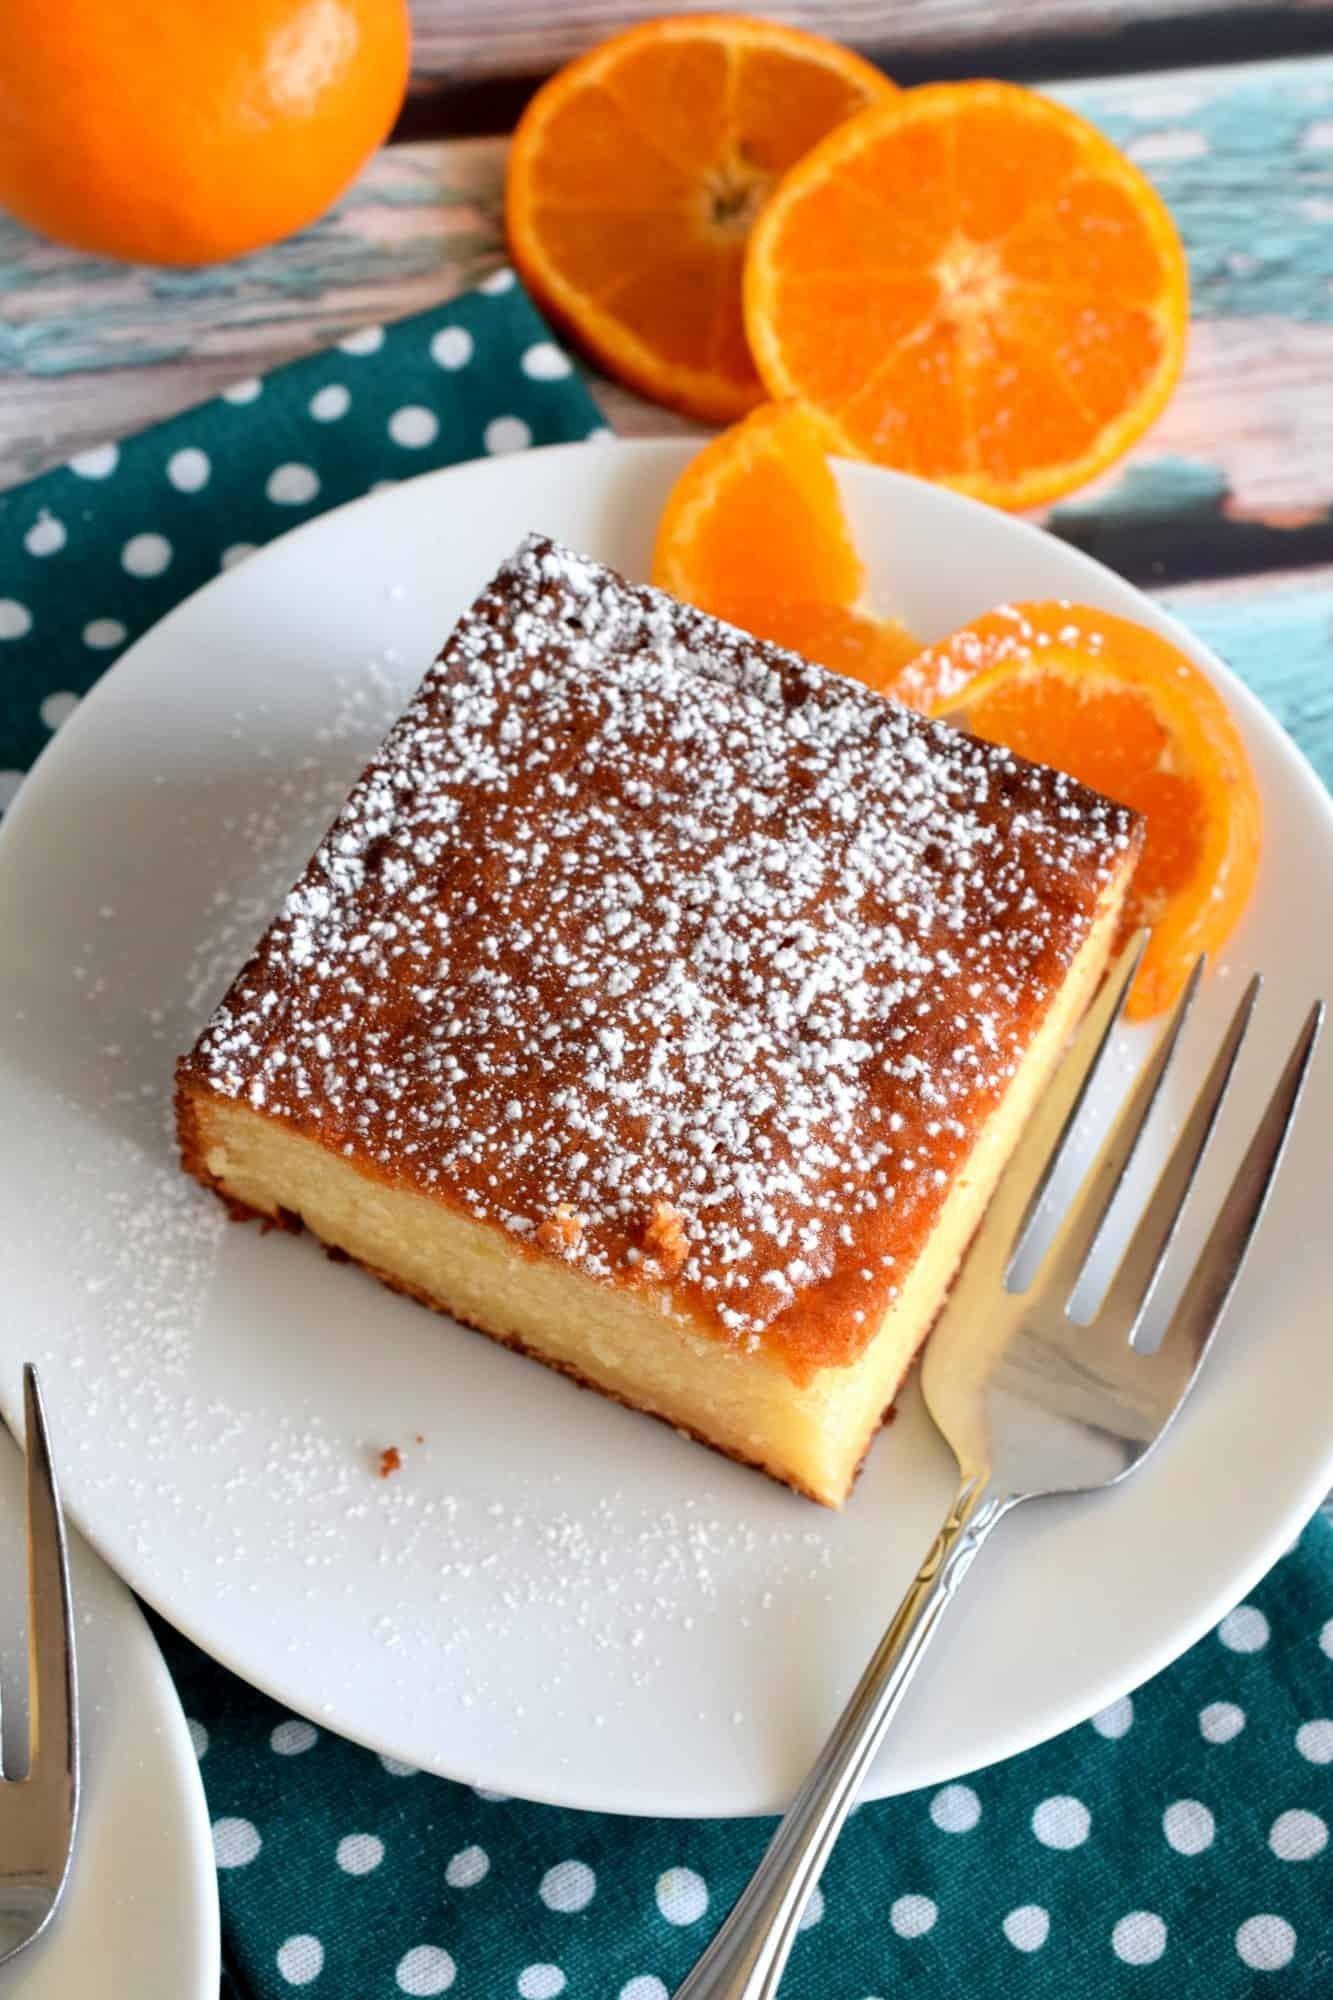 كيكة الزبادي 7 وصفات - كيكة الزبادي بالبرتقال